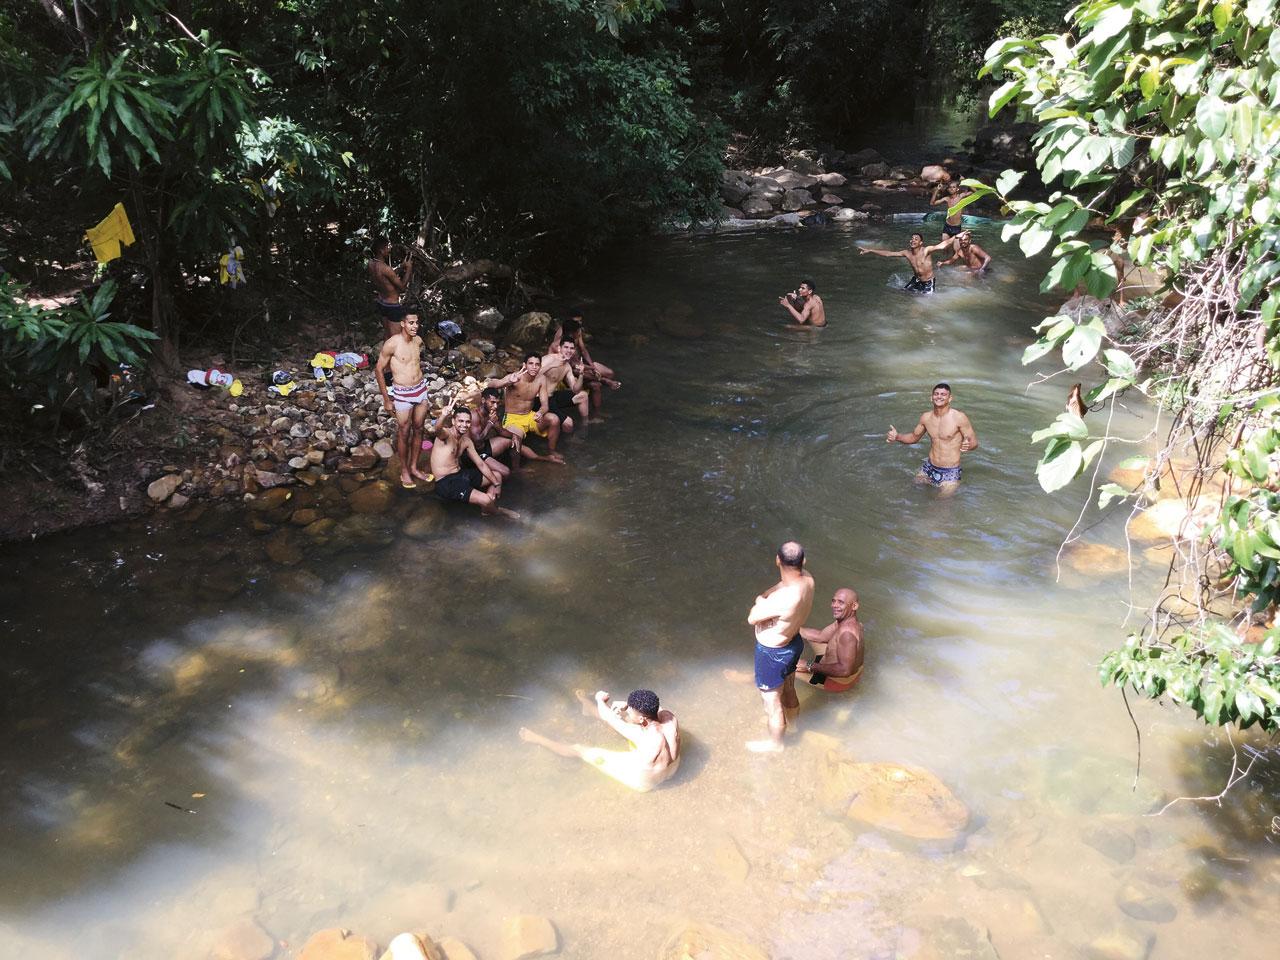 Estreante na Copinha, o Esporte Clube Timon levou 85 horas para chegar ao interior de SP. O ônibus que transportava os jogadores quebrou em Goiás, deixando-os na mão por quase dois dias. A descoberta de um riacho ajudou a driblar o tédio